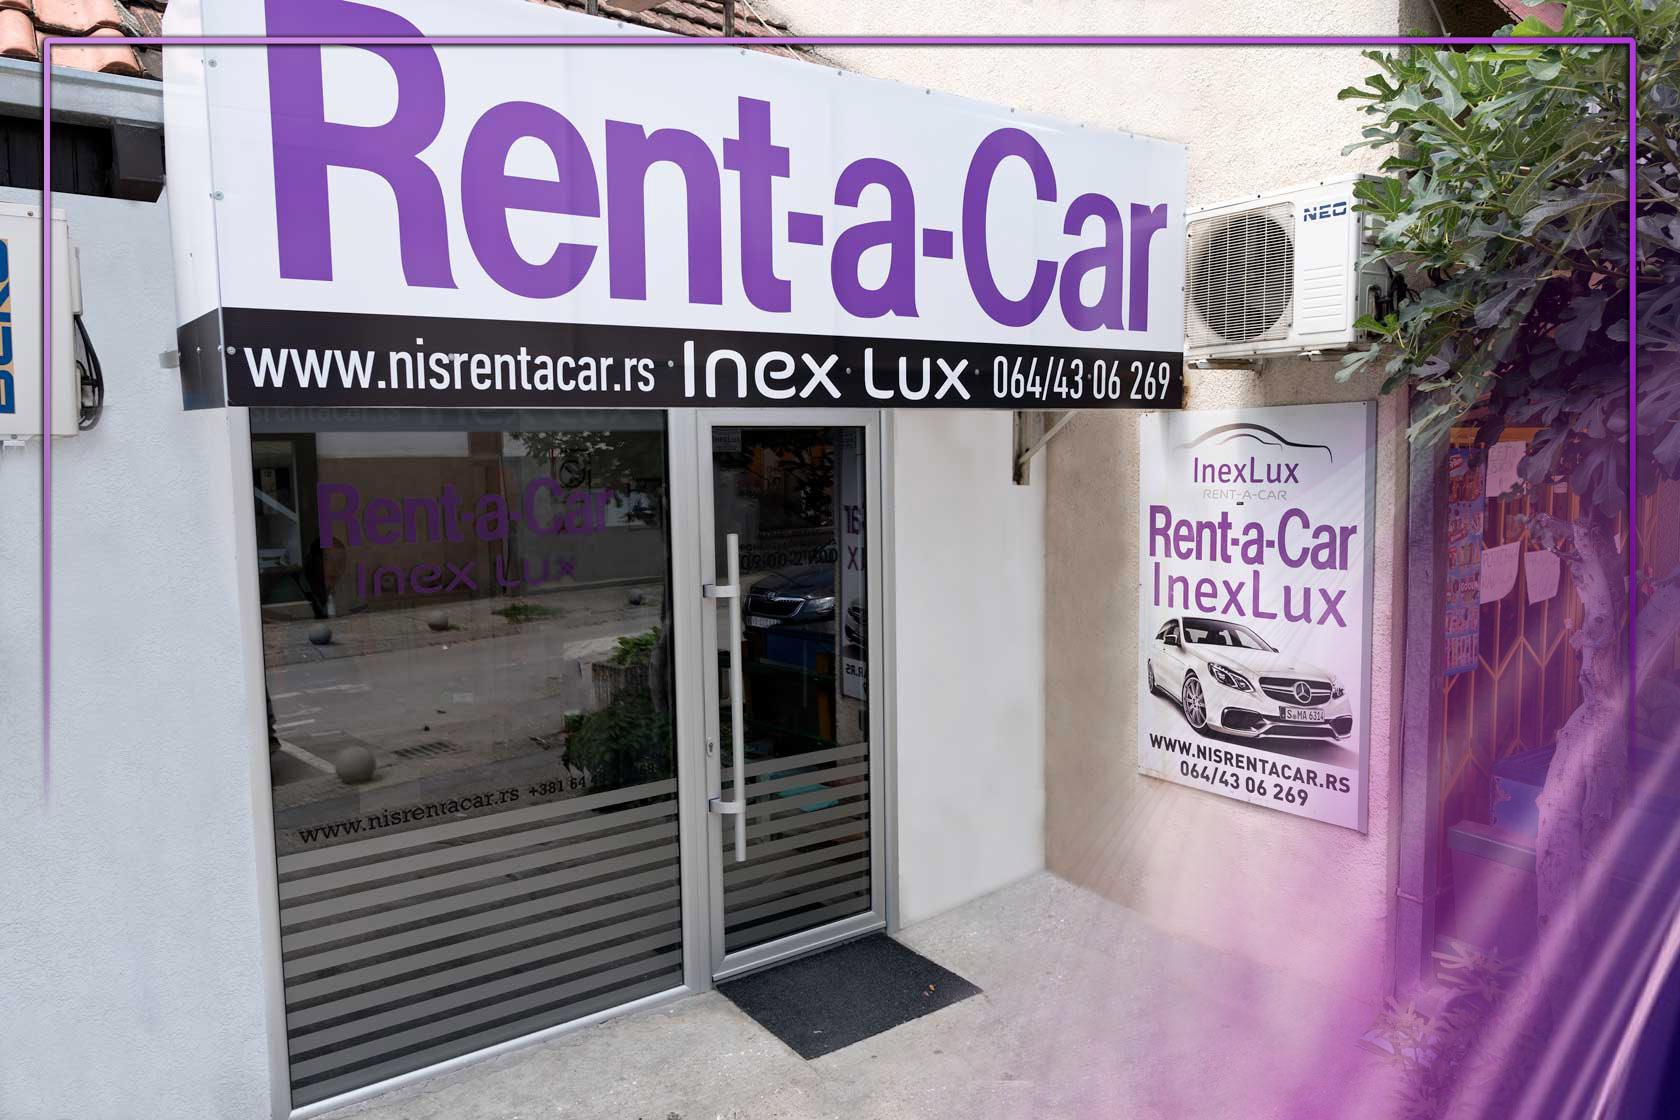 inexlux-rent-a-car-nis-sediste